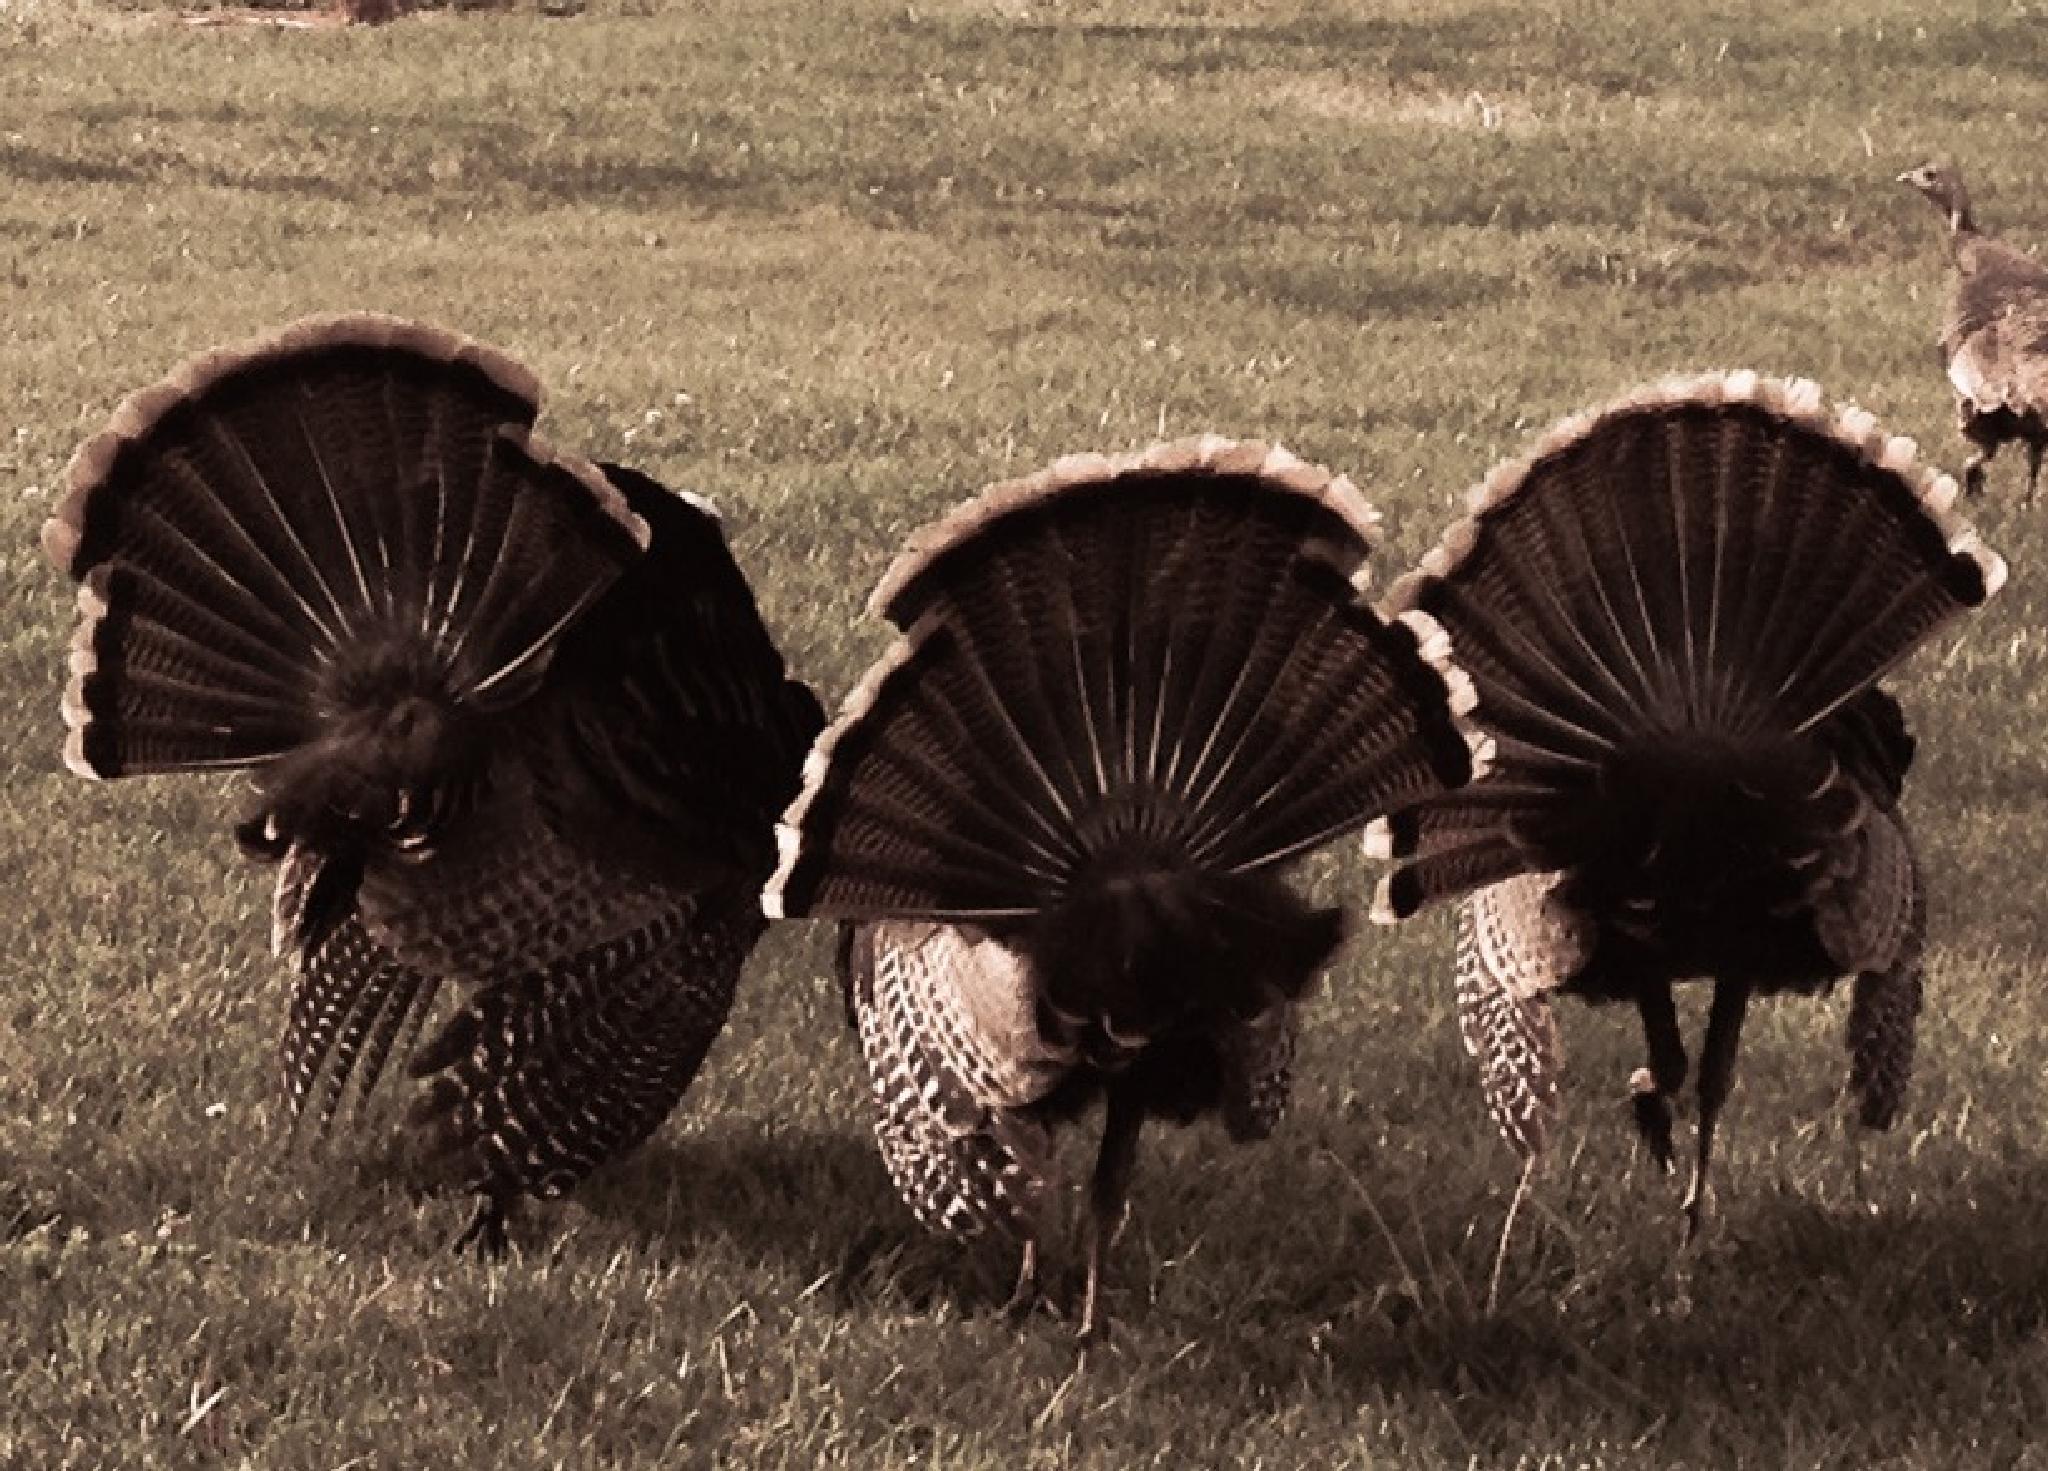 Turkeys struttin' their stuff by kkstephenson